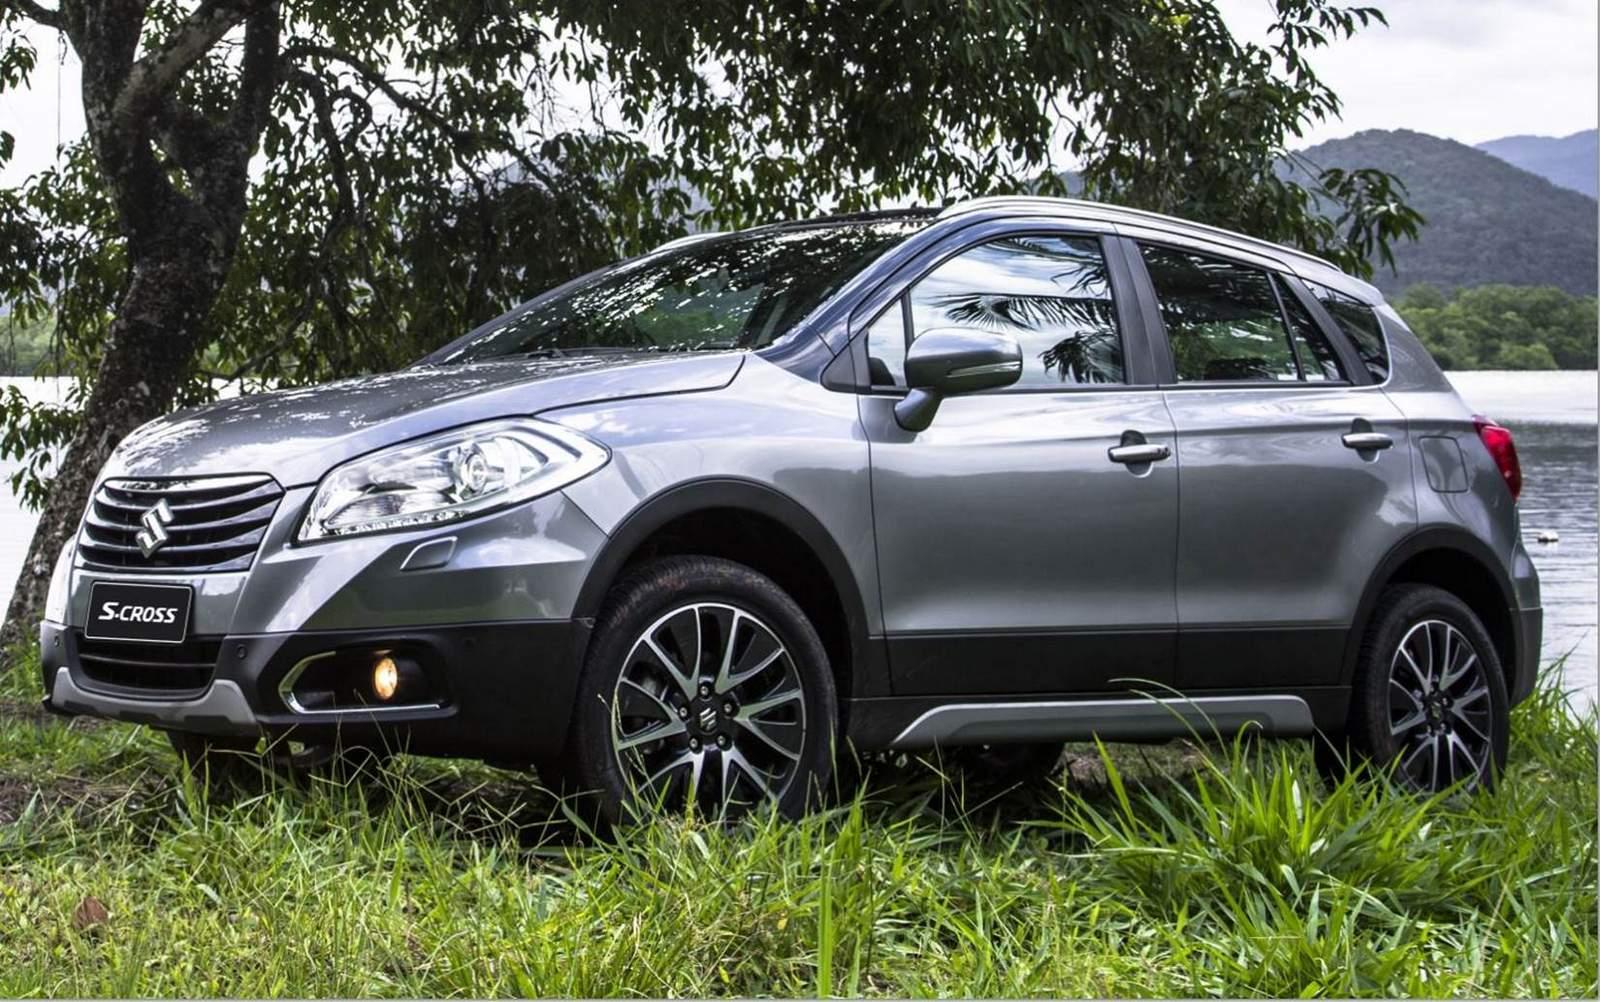 Suzuki S-Cross 2015 Brasil